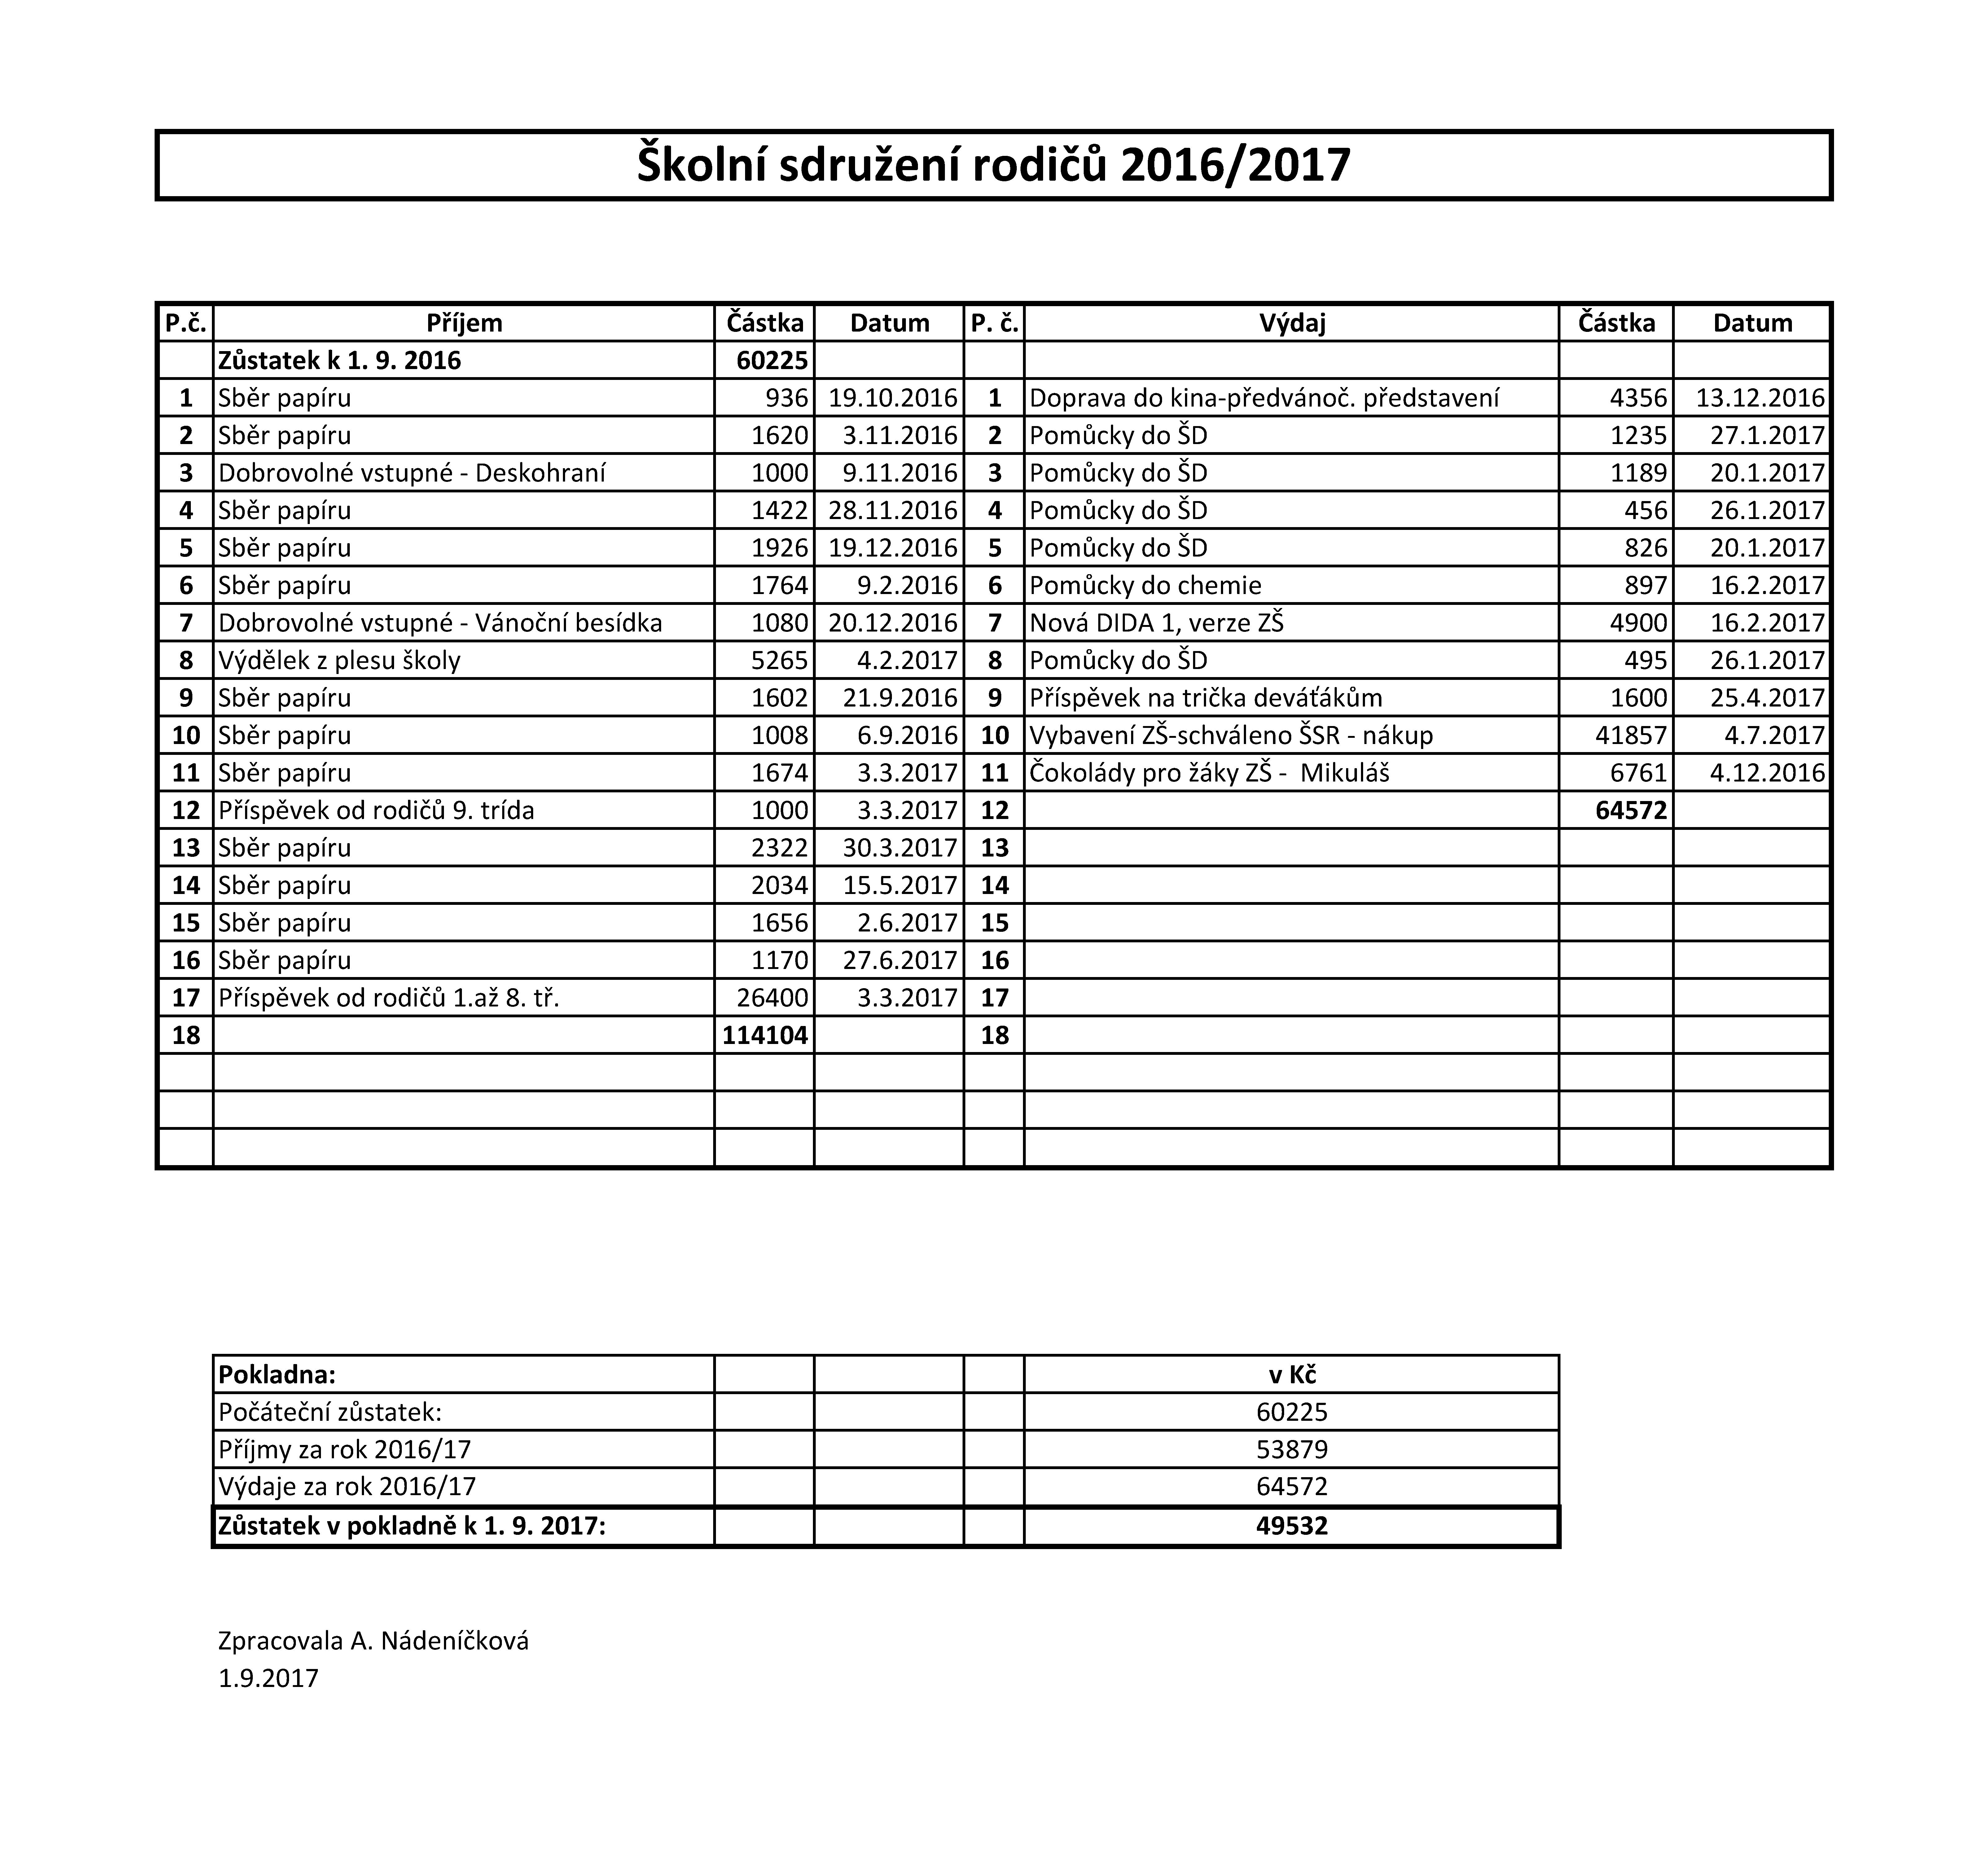 20171213 Zpráva o hospodaření ŠSR 2016 17